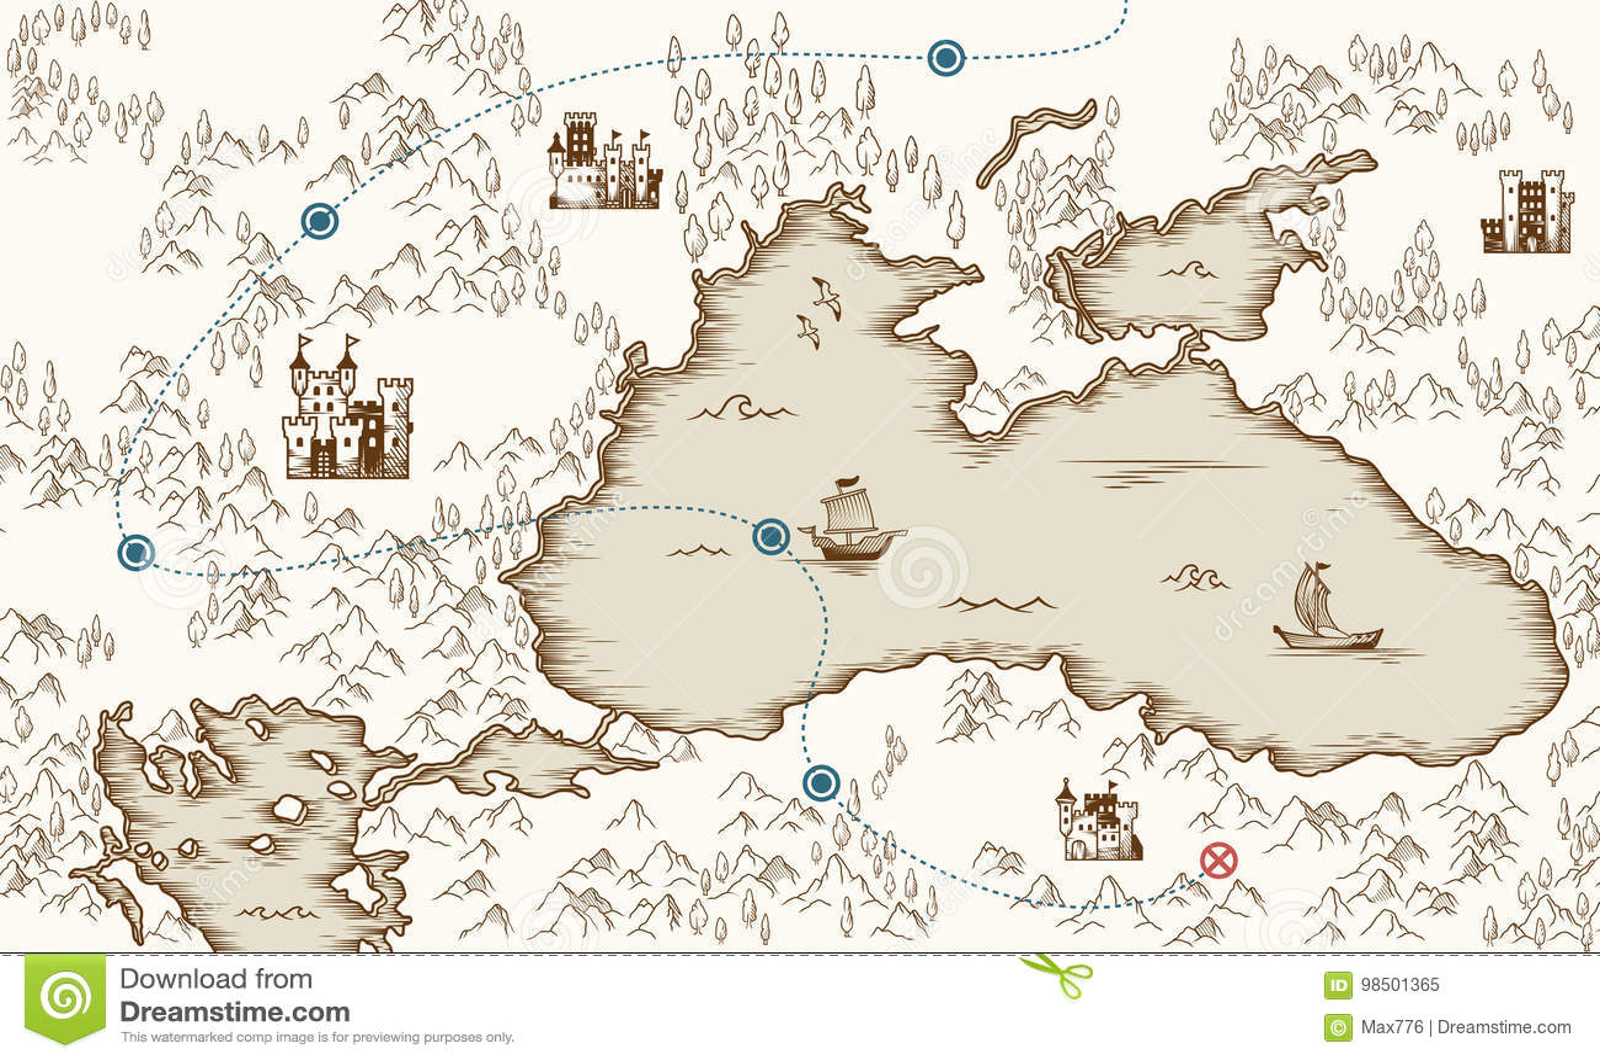 Μεσαιωνική χαρτογραφία, παλαιός χάρτης θησαυρών πειρατών, διανυσματική απεικόνιση